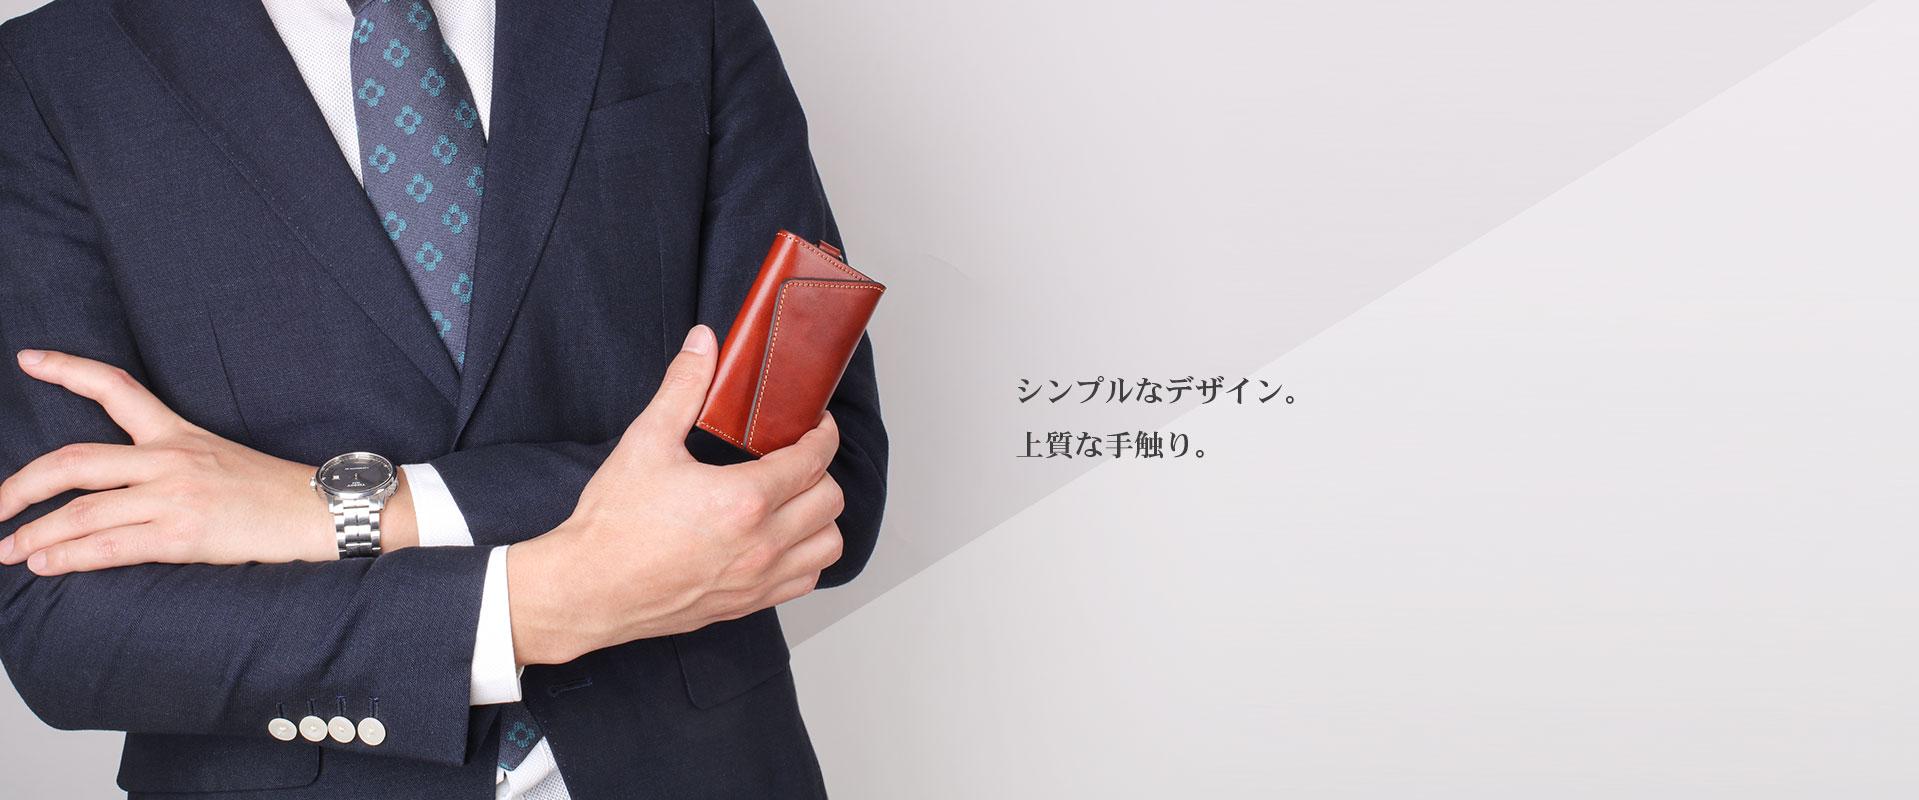 シンプルなデザイン。上質な手触り。